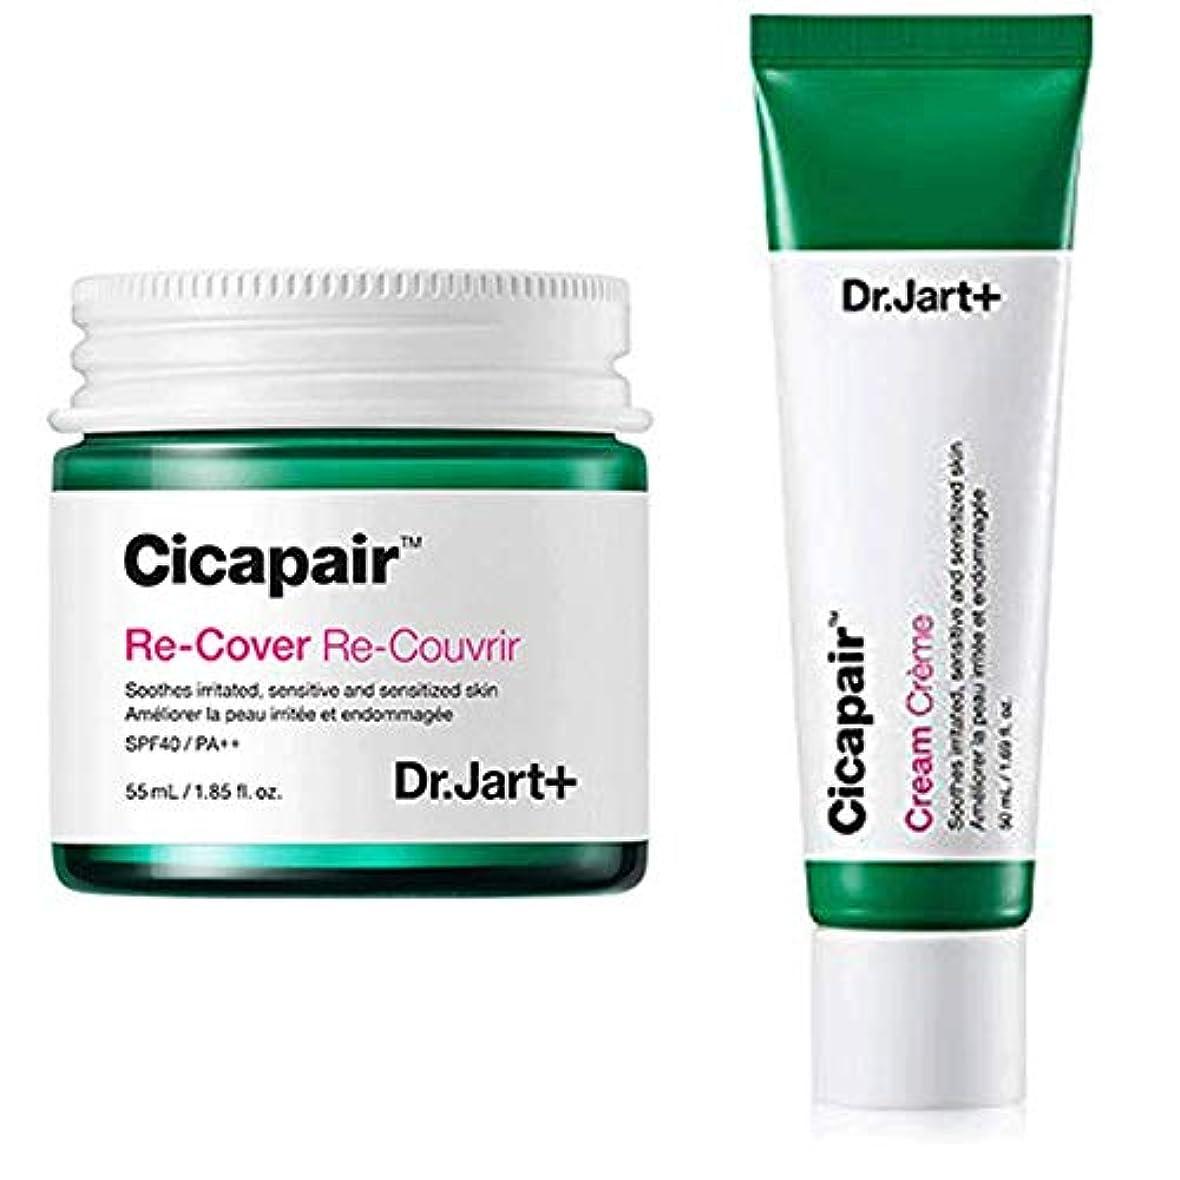 ファンタジー時代とは異なりDr.Jart+ Cicapair Cream + ReCover ドクタージャルトシカペアクリーム50ml + リカバー 55ml (2代目) セット [並行輸入品]